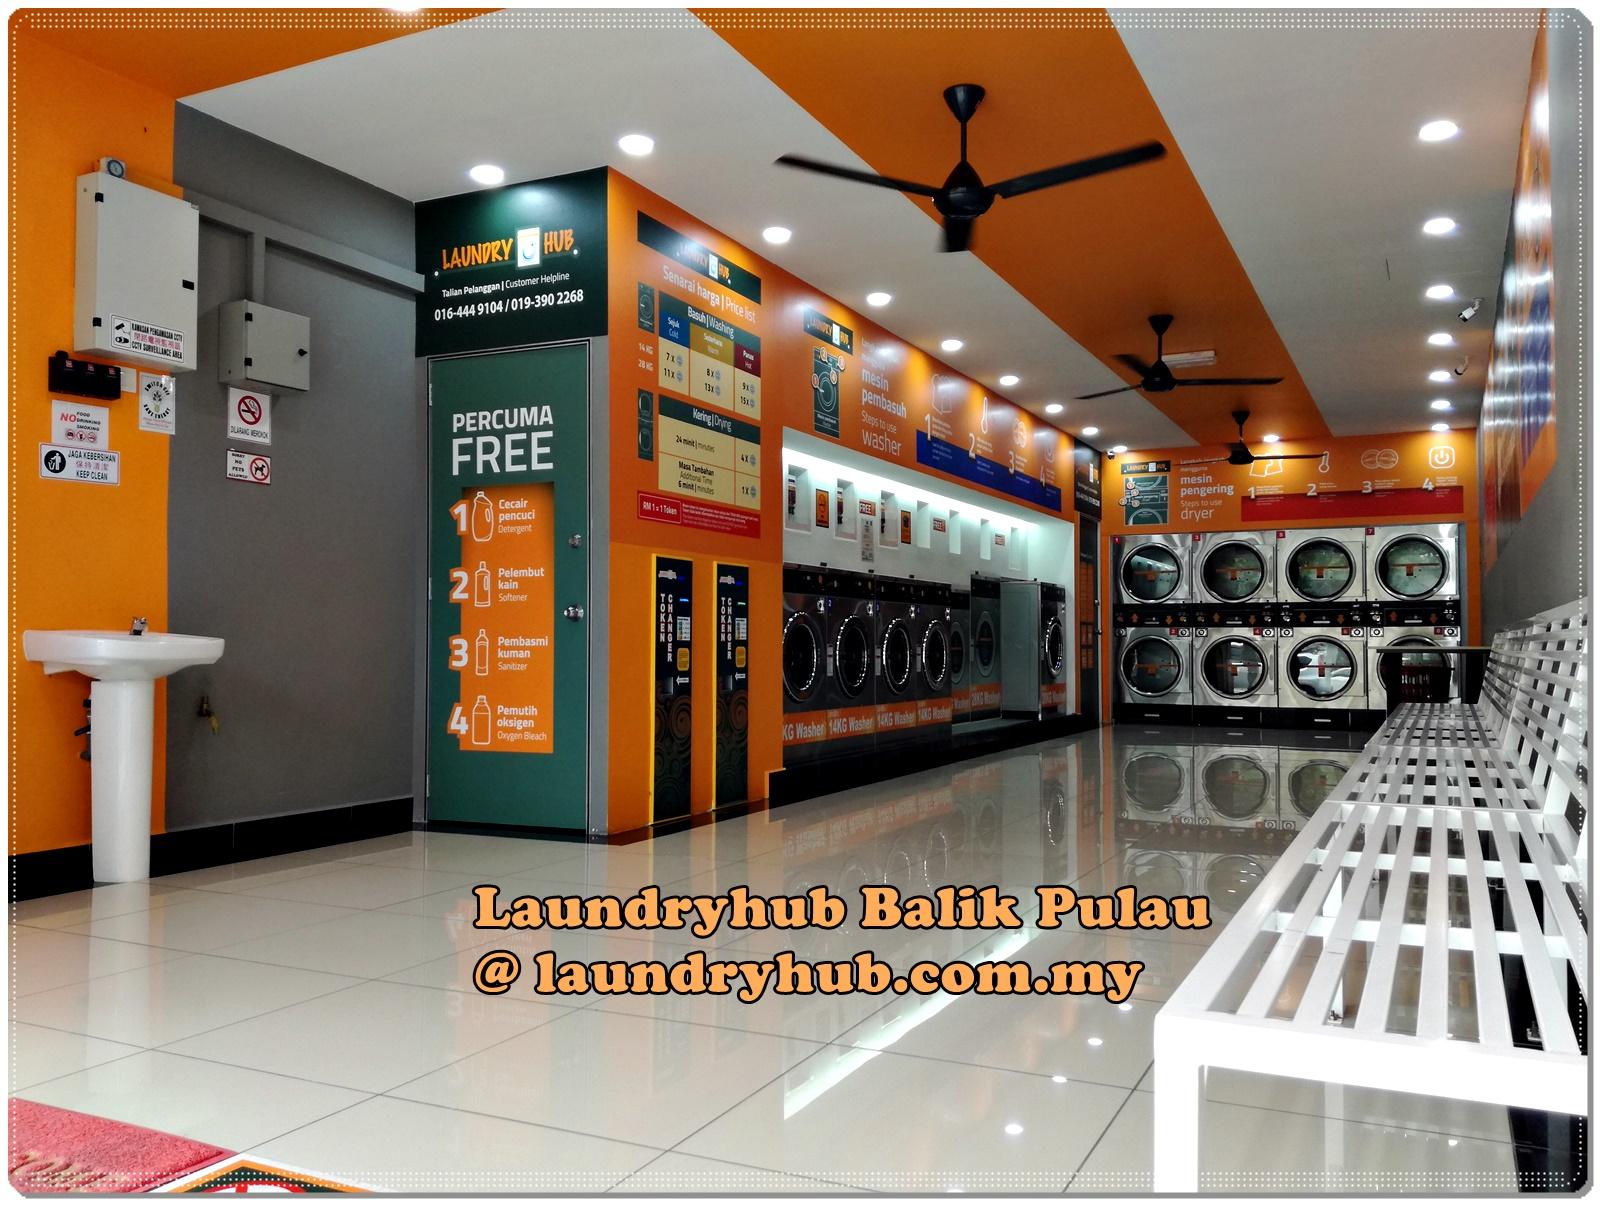 Laundryhub Balik Pulau